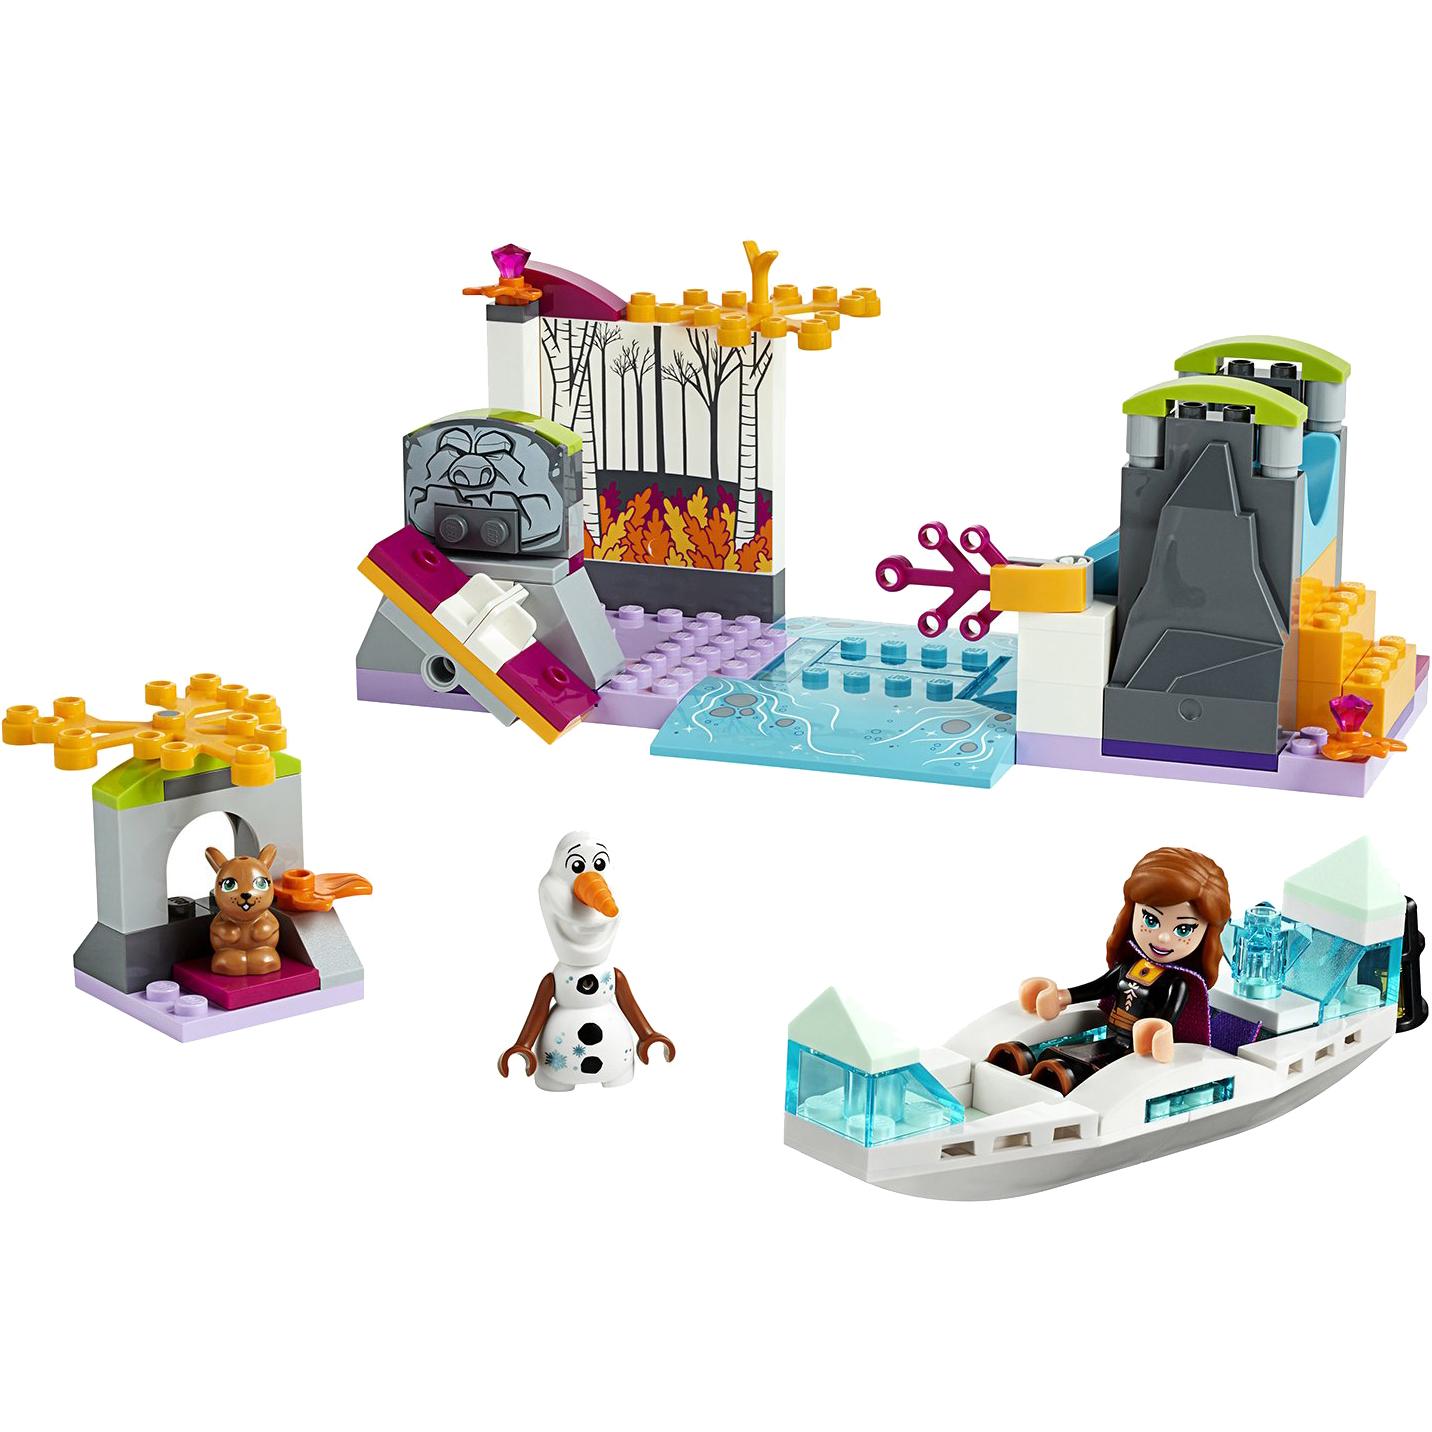 Купить Конструктор Lego Disney Princess Экспедиция Анны на каноэ 41165, пластик, для девочек, Конструкторы, пазлы